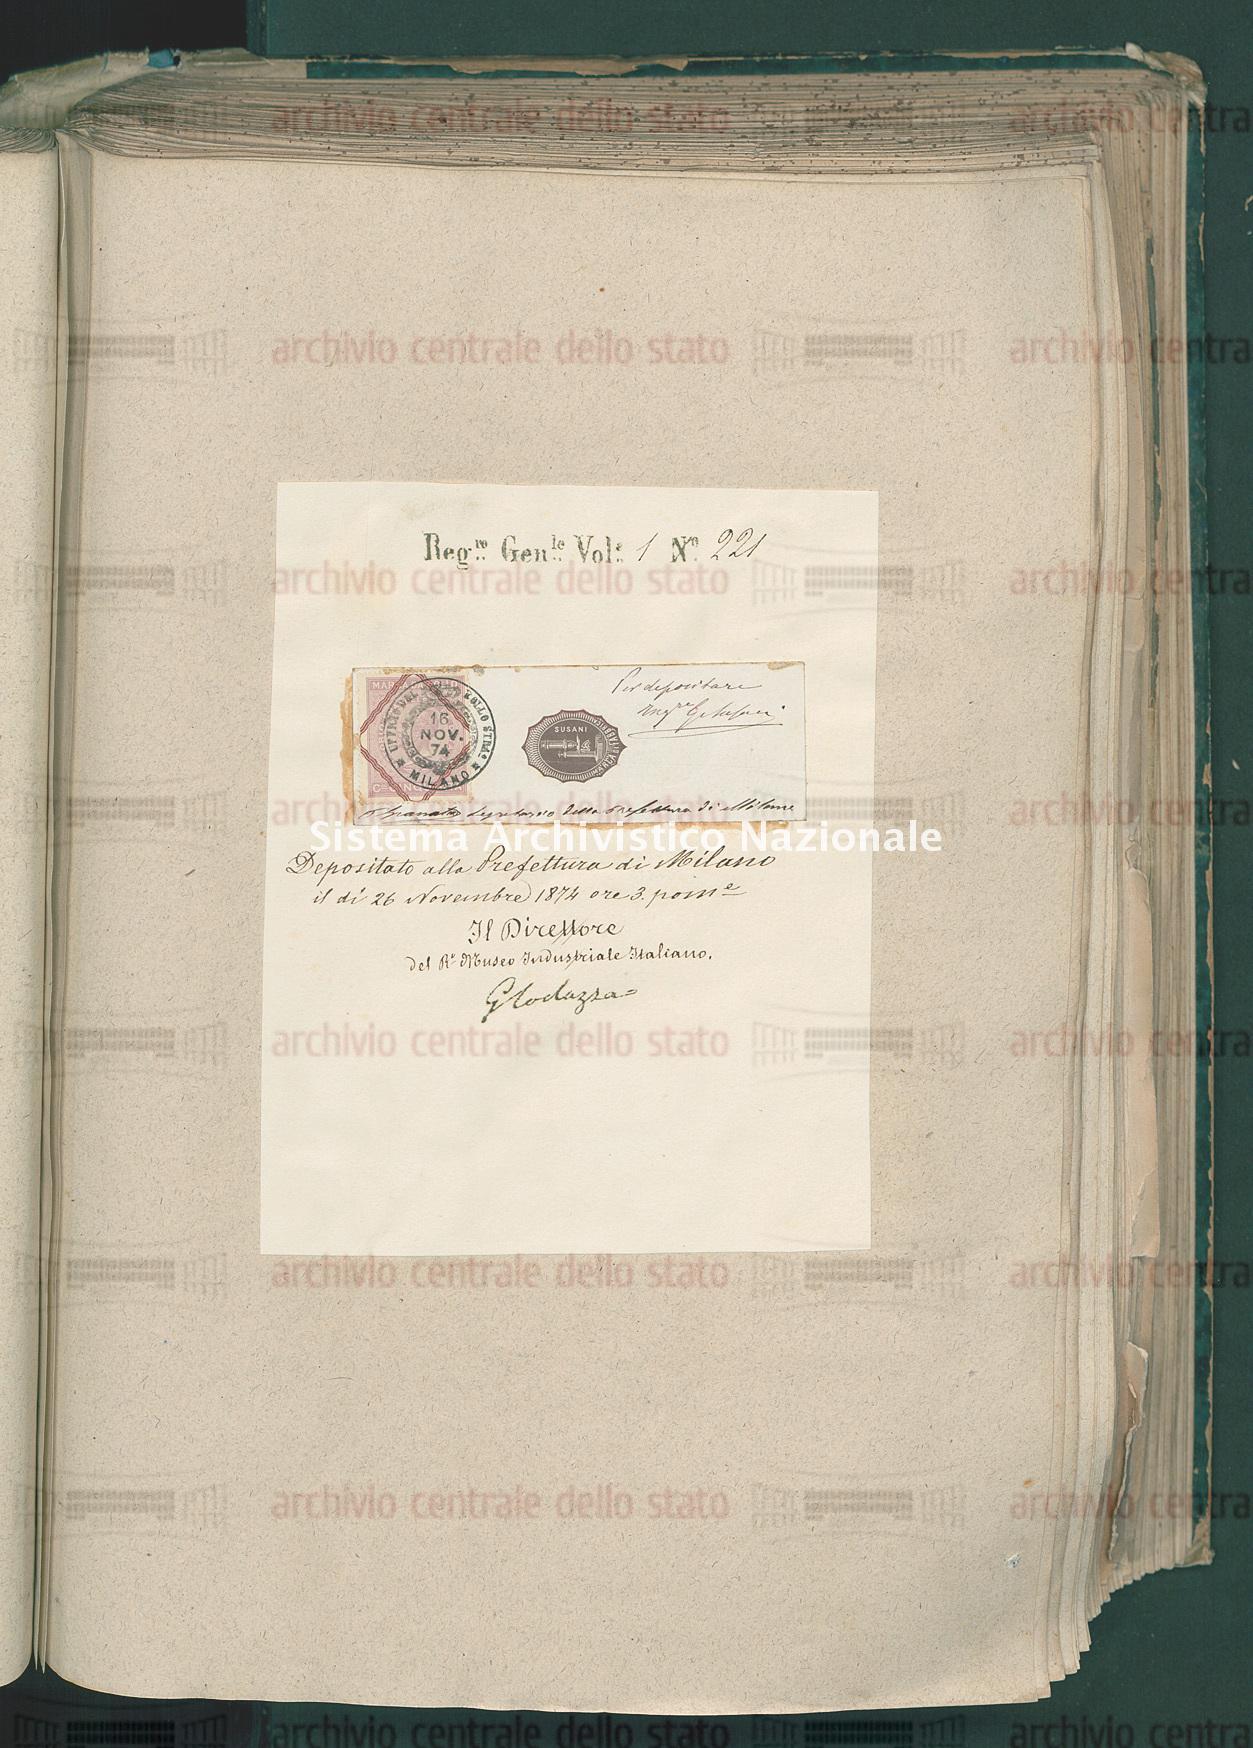 Attestato di trascrizione per marchio di commercio: Bachi selezionati Susani Ing.E Guido Del Fu Mose' (15/12/1874)